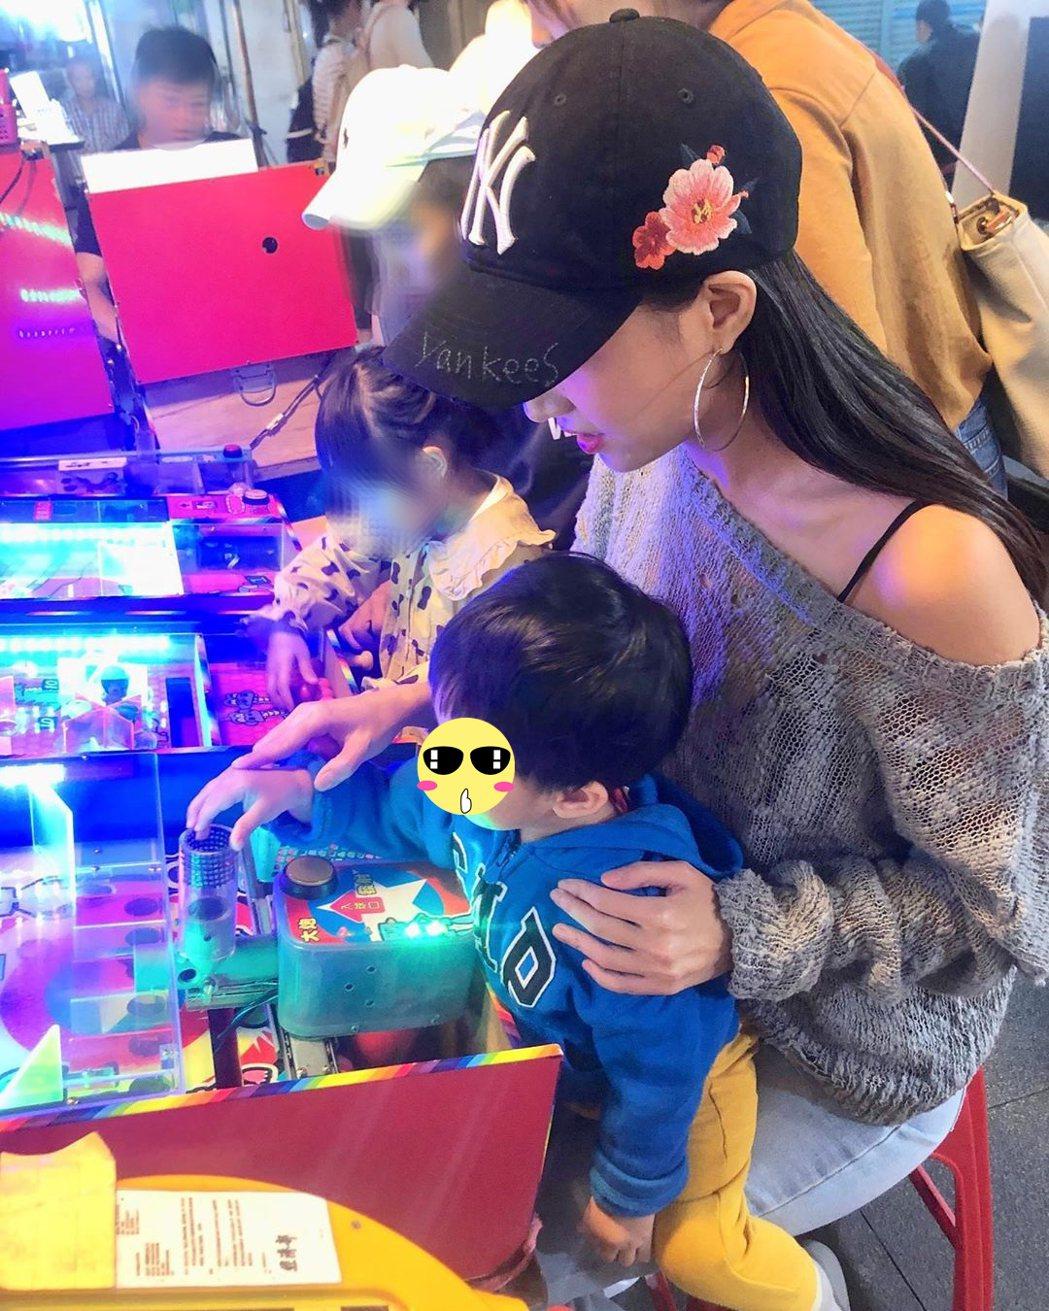 林采緹與兒子在士林夜市玩遊戲。圖/擷自IG